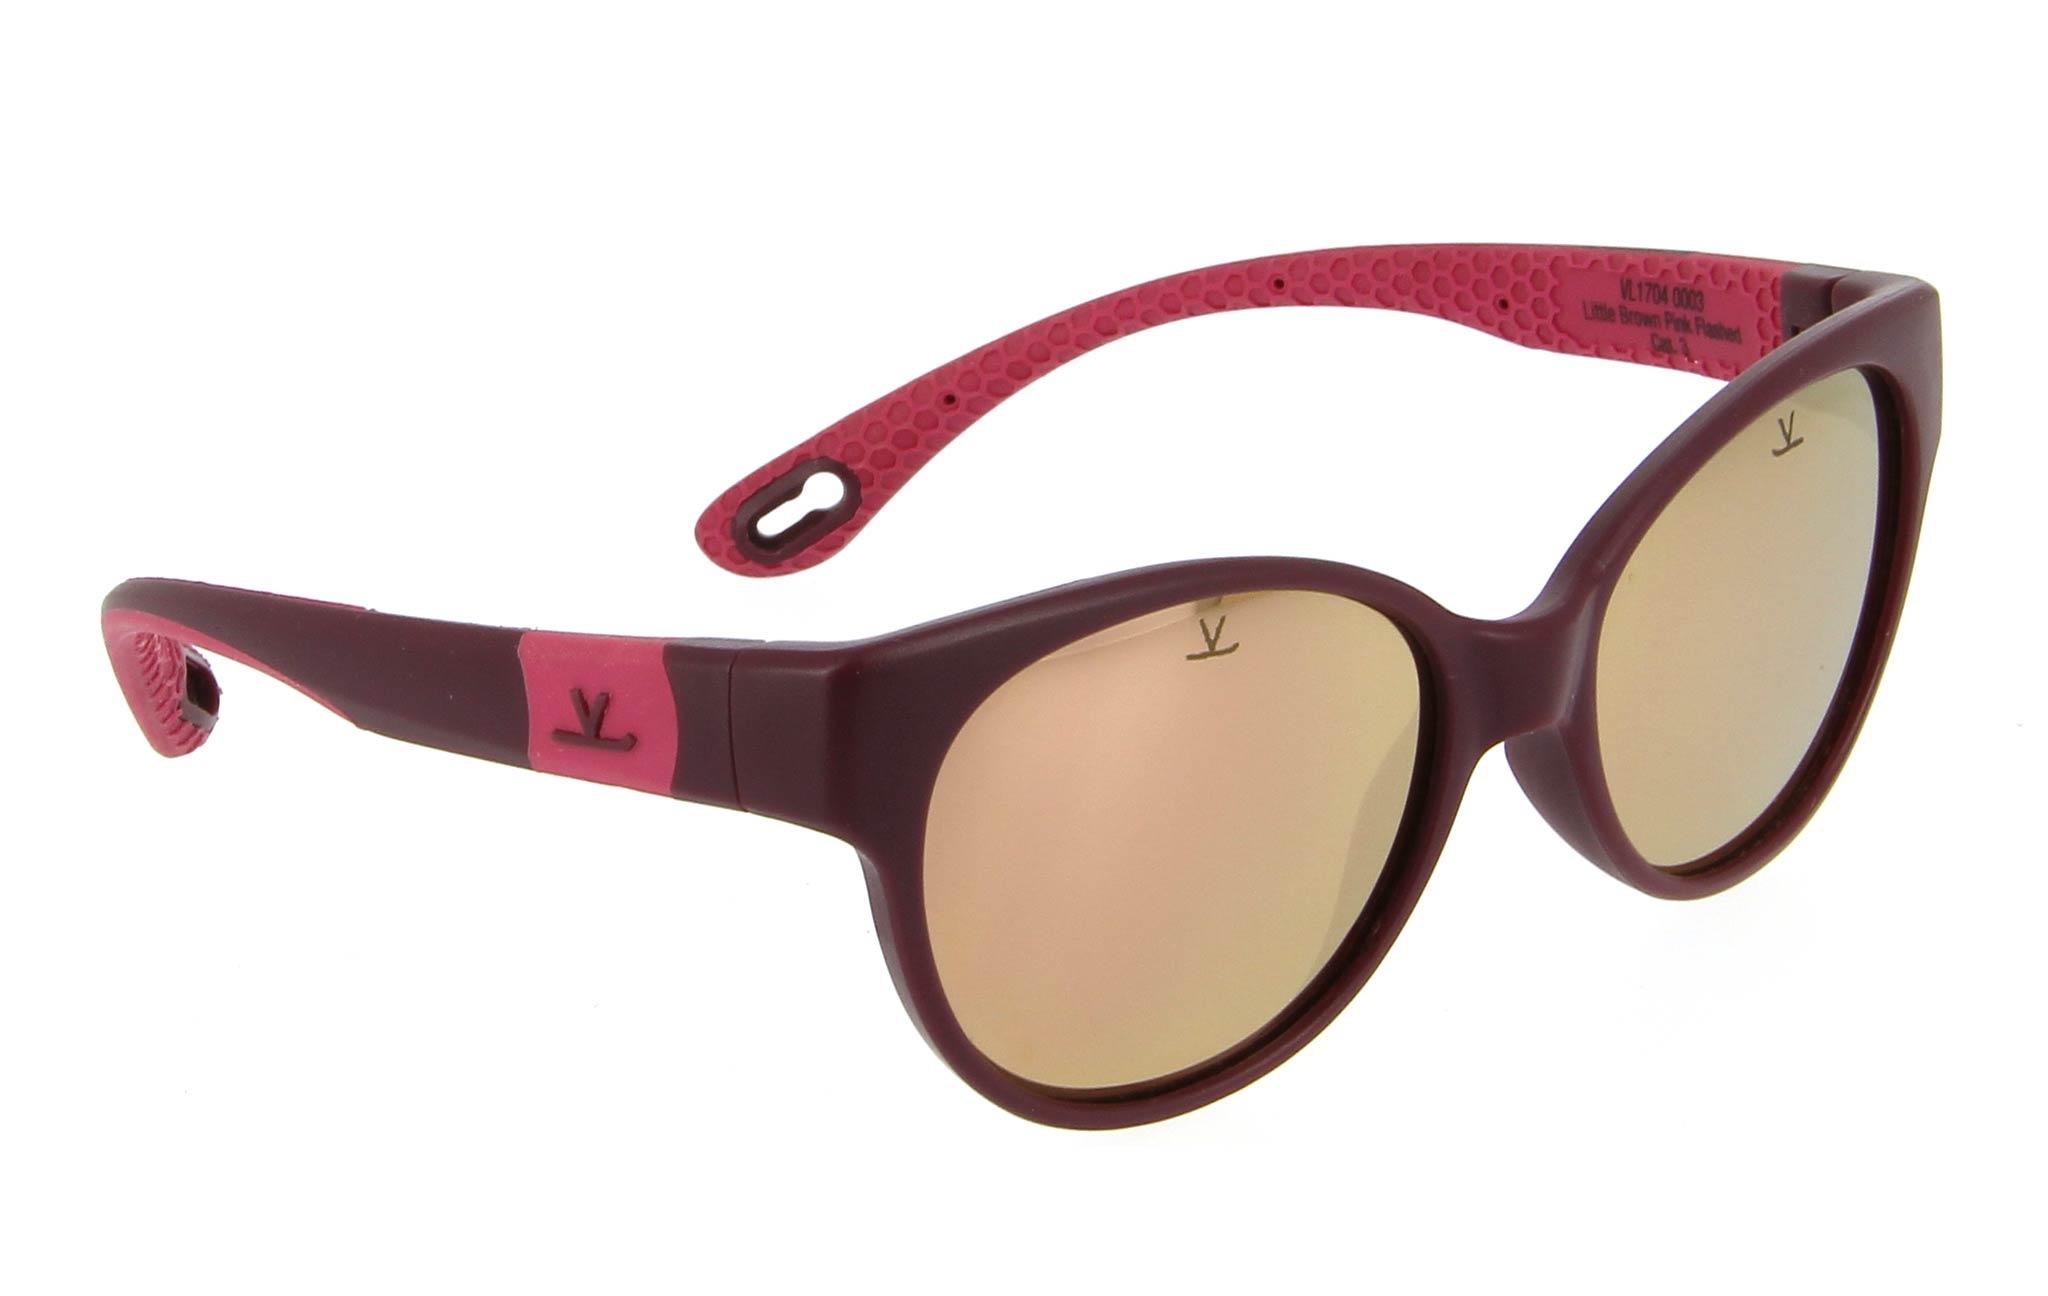 lunettes-de-soleil-enfant-vuarnet-vl1704-0003-violet-rose